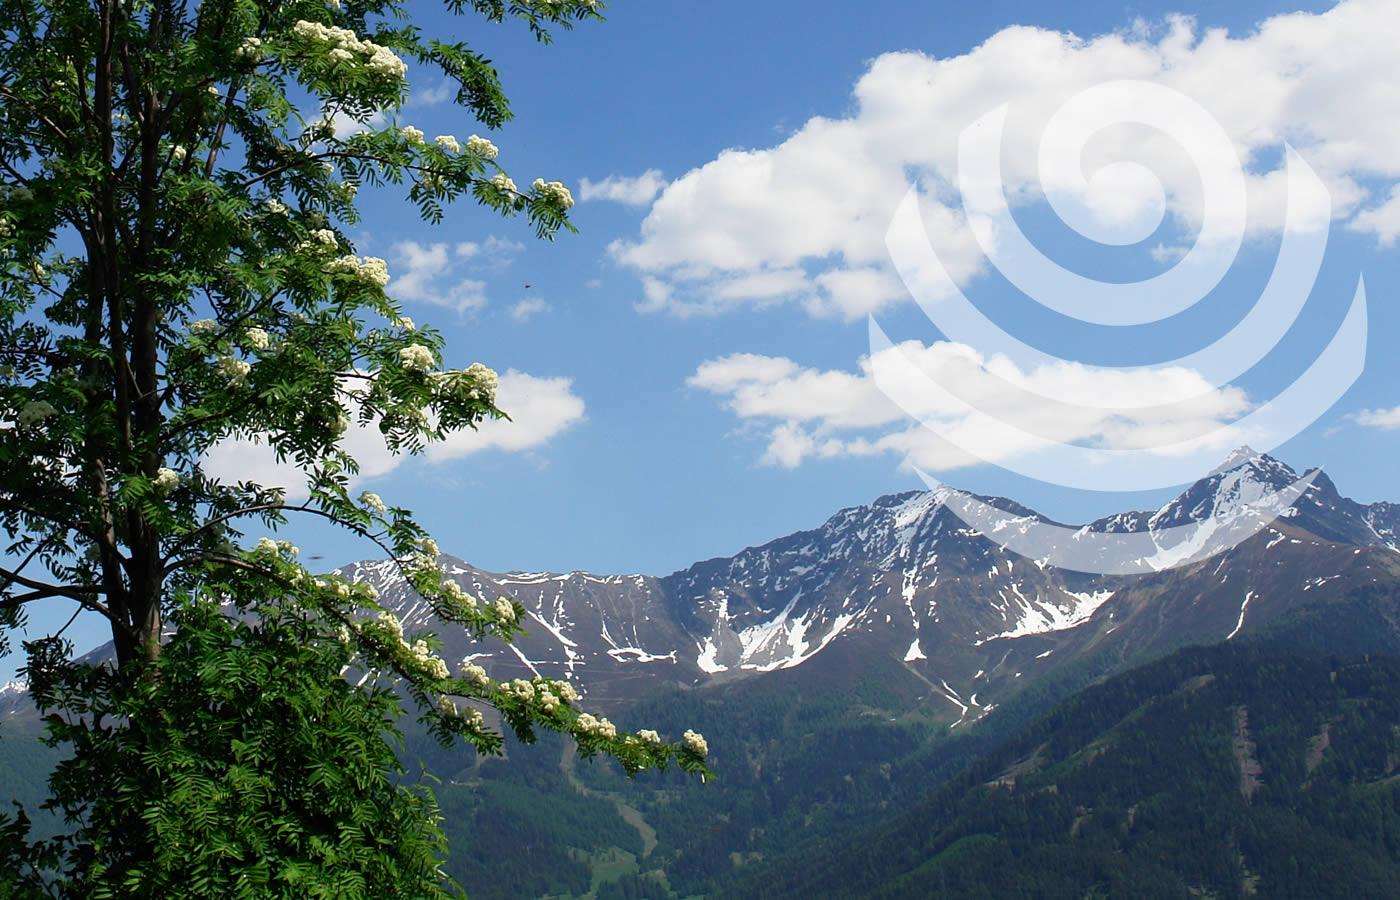 Berge und klare saubere Luft in Serfaus-Fiss-Ladis - Österreich.